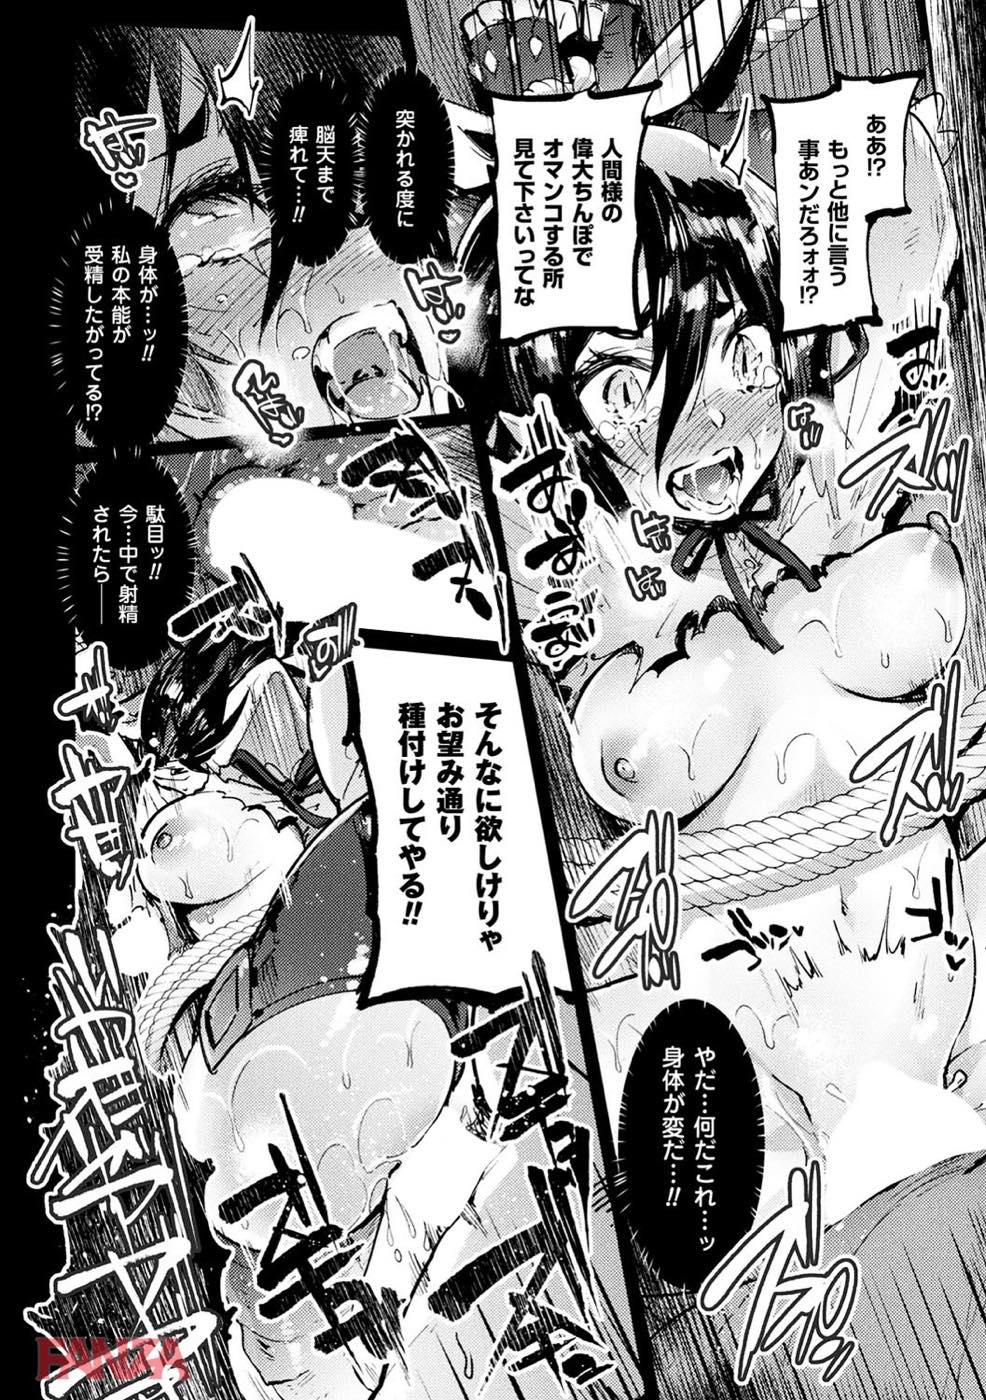 無料エロ漫画 【獣人狩りエロ漫画】人間に捕まった獣人は自分の尻尾でおまんこされて晒し者に…そのまま精神崩壊するまで輪姦され続ける【探訪者への洗礼/伊丹】 FANZA